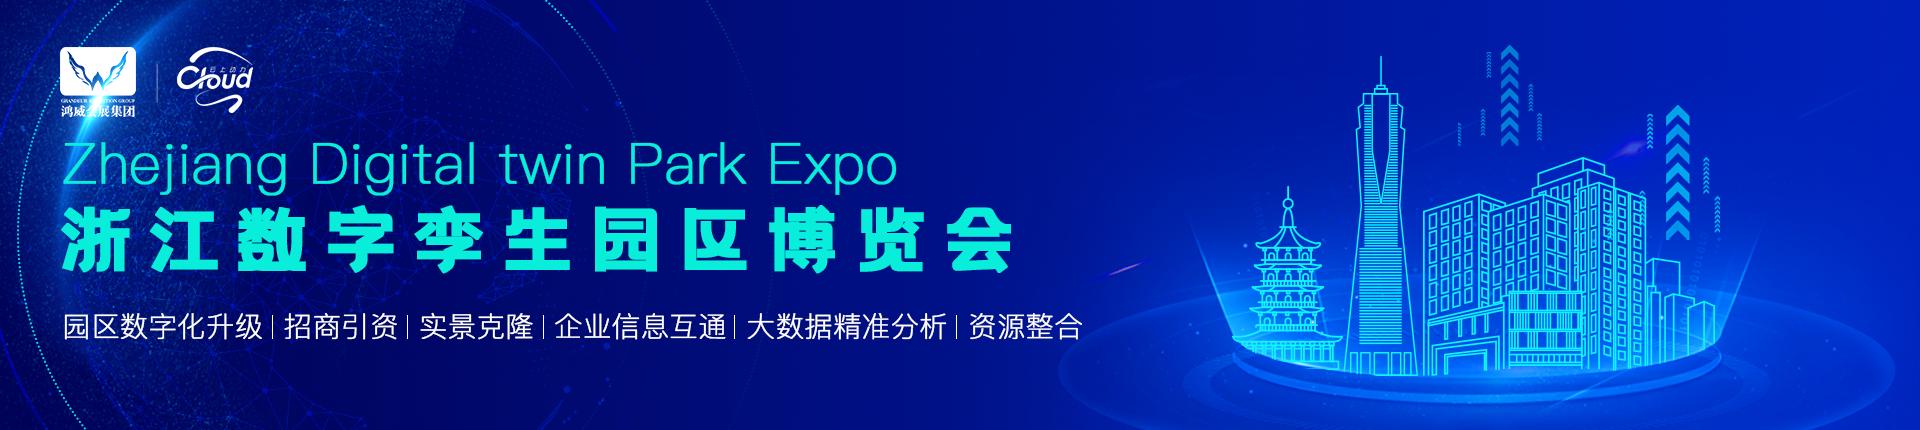 浙江数字孪生园区博览会